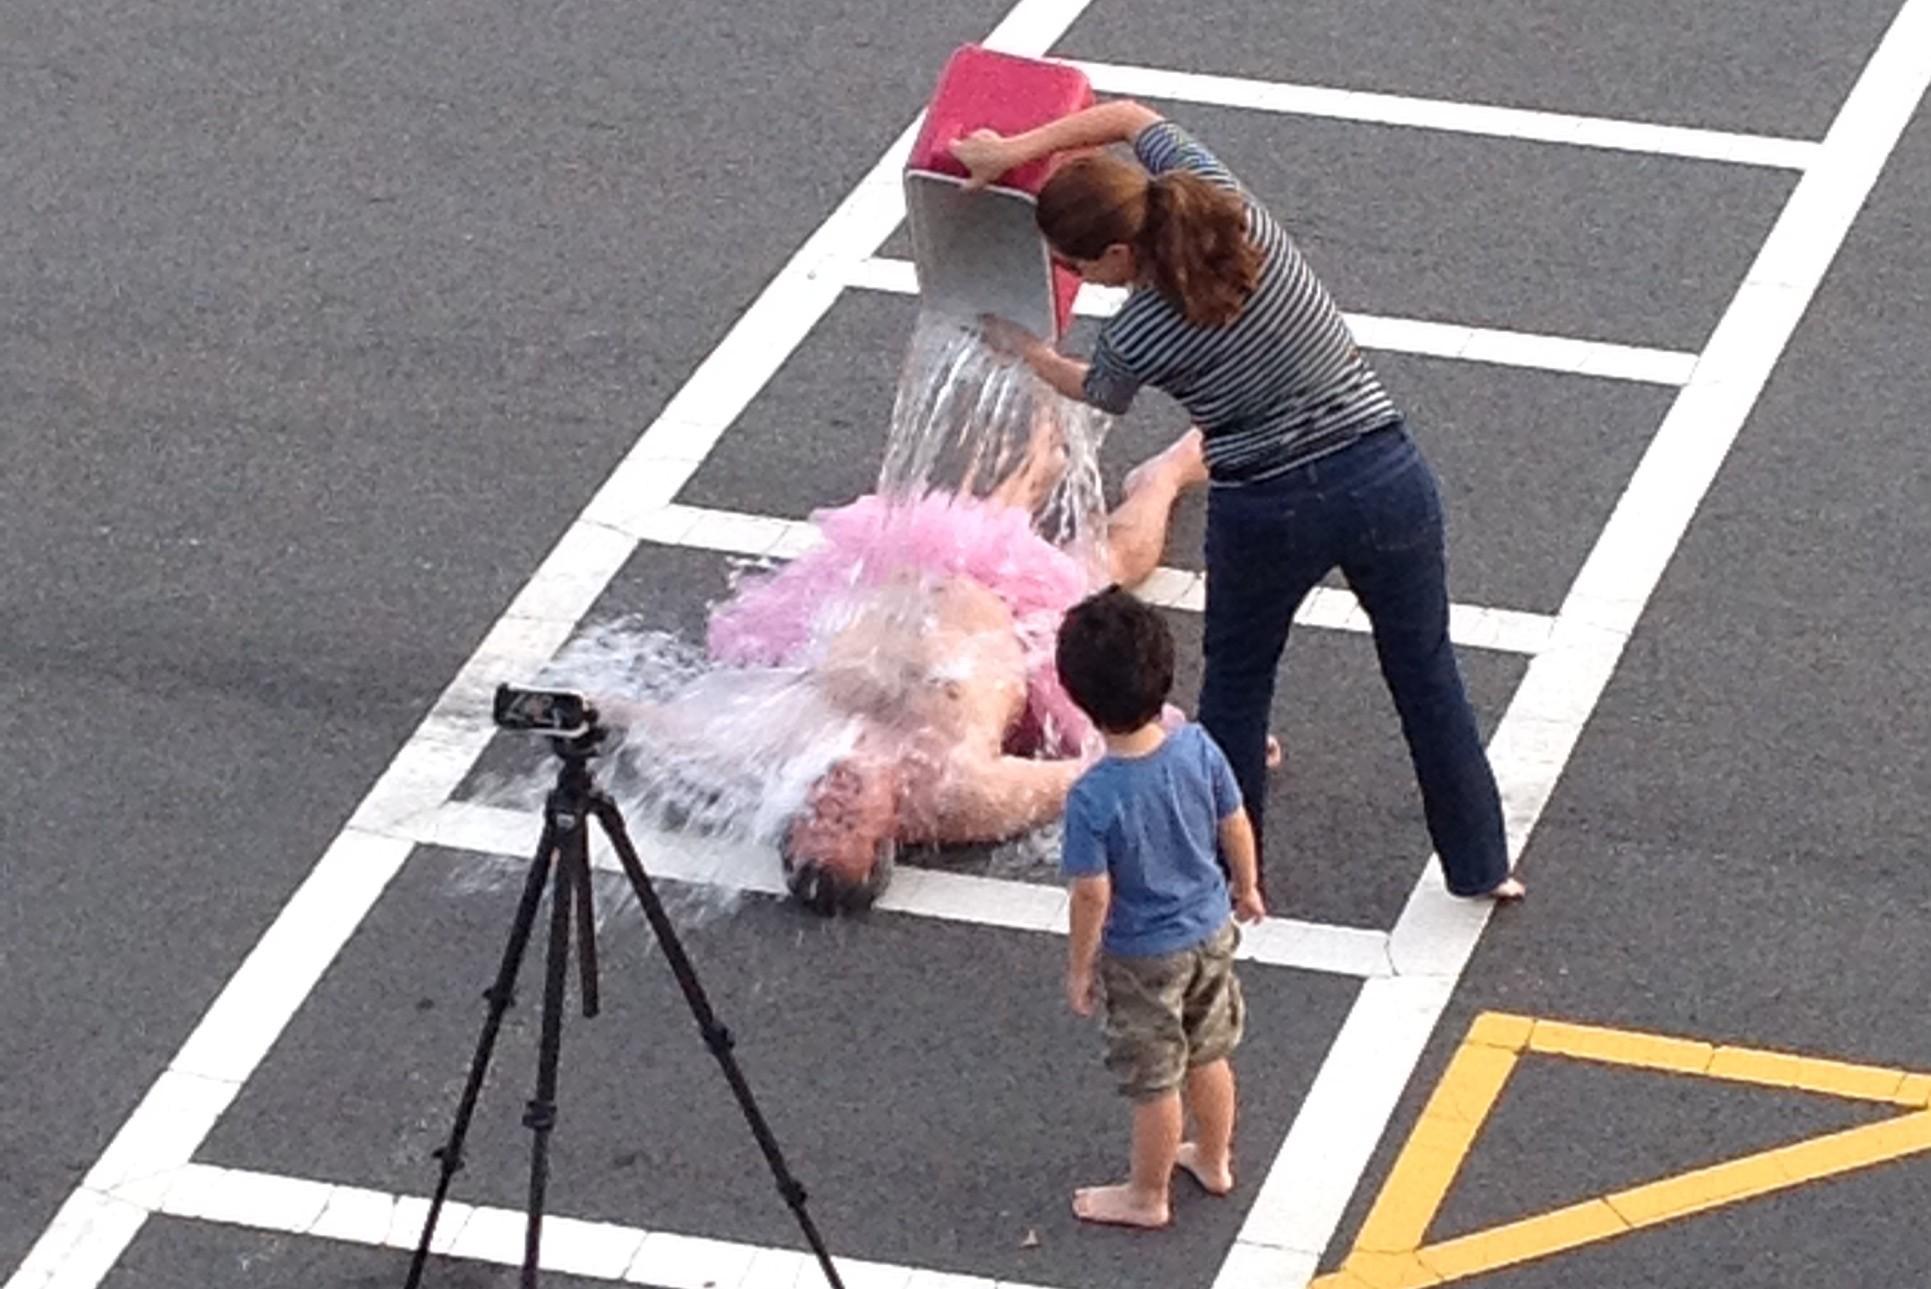 Bob Carey's Ice Bucket Challenge for ALS